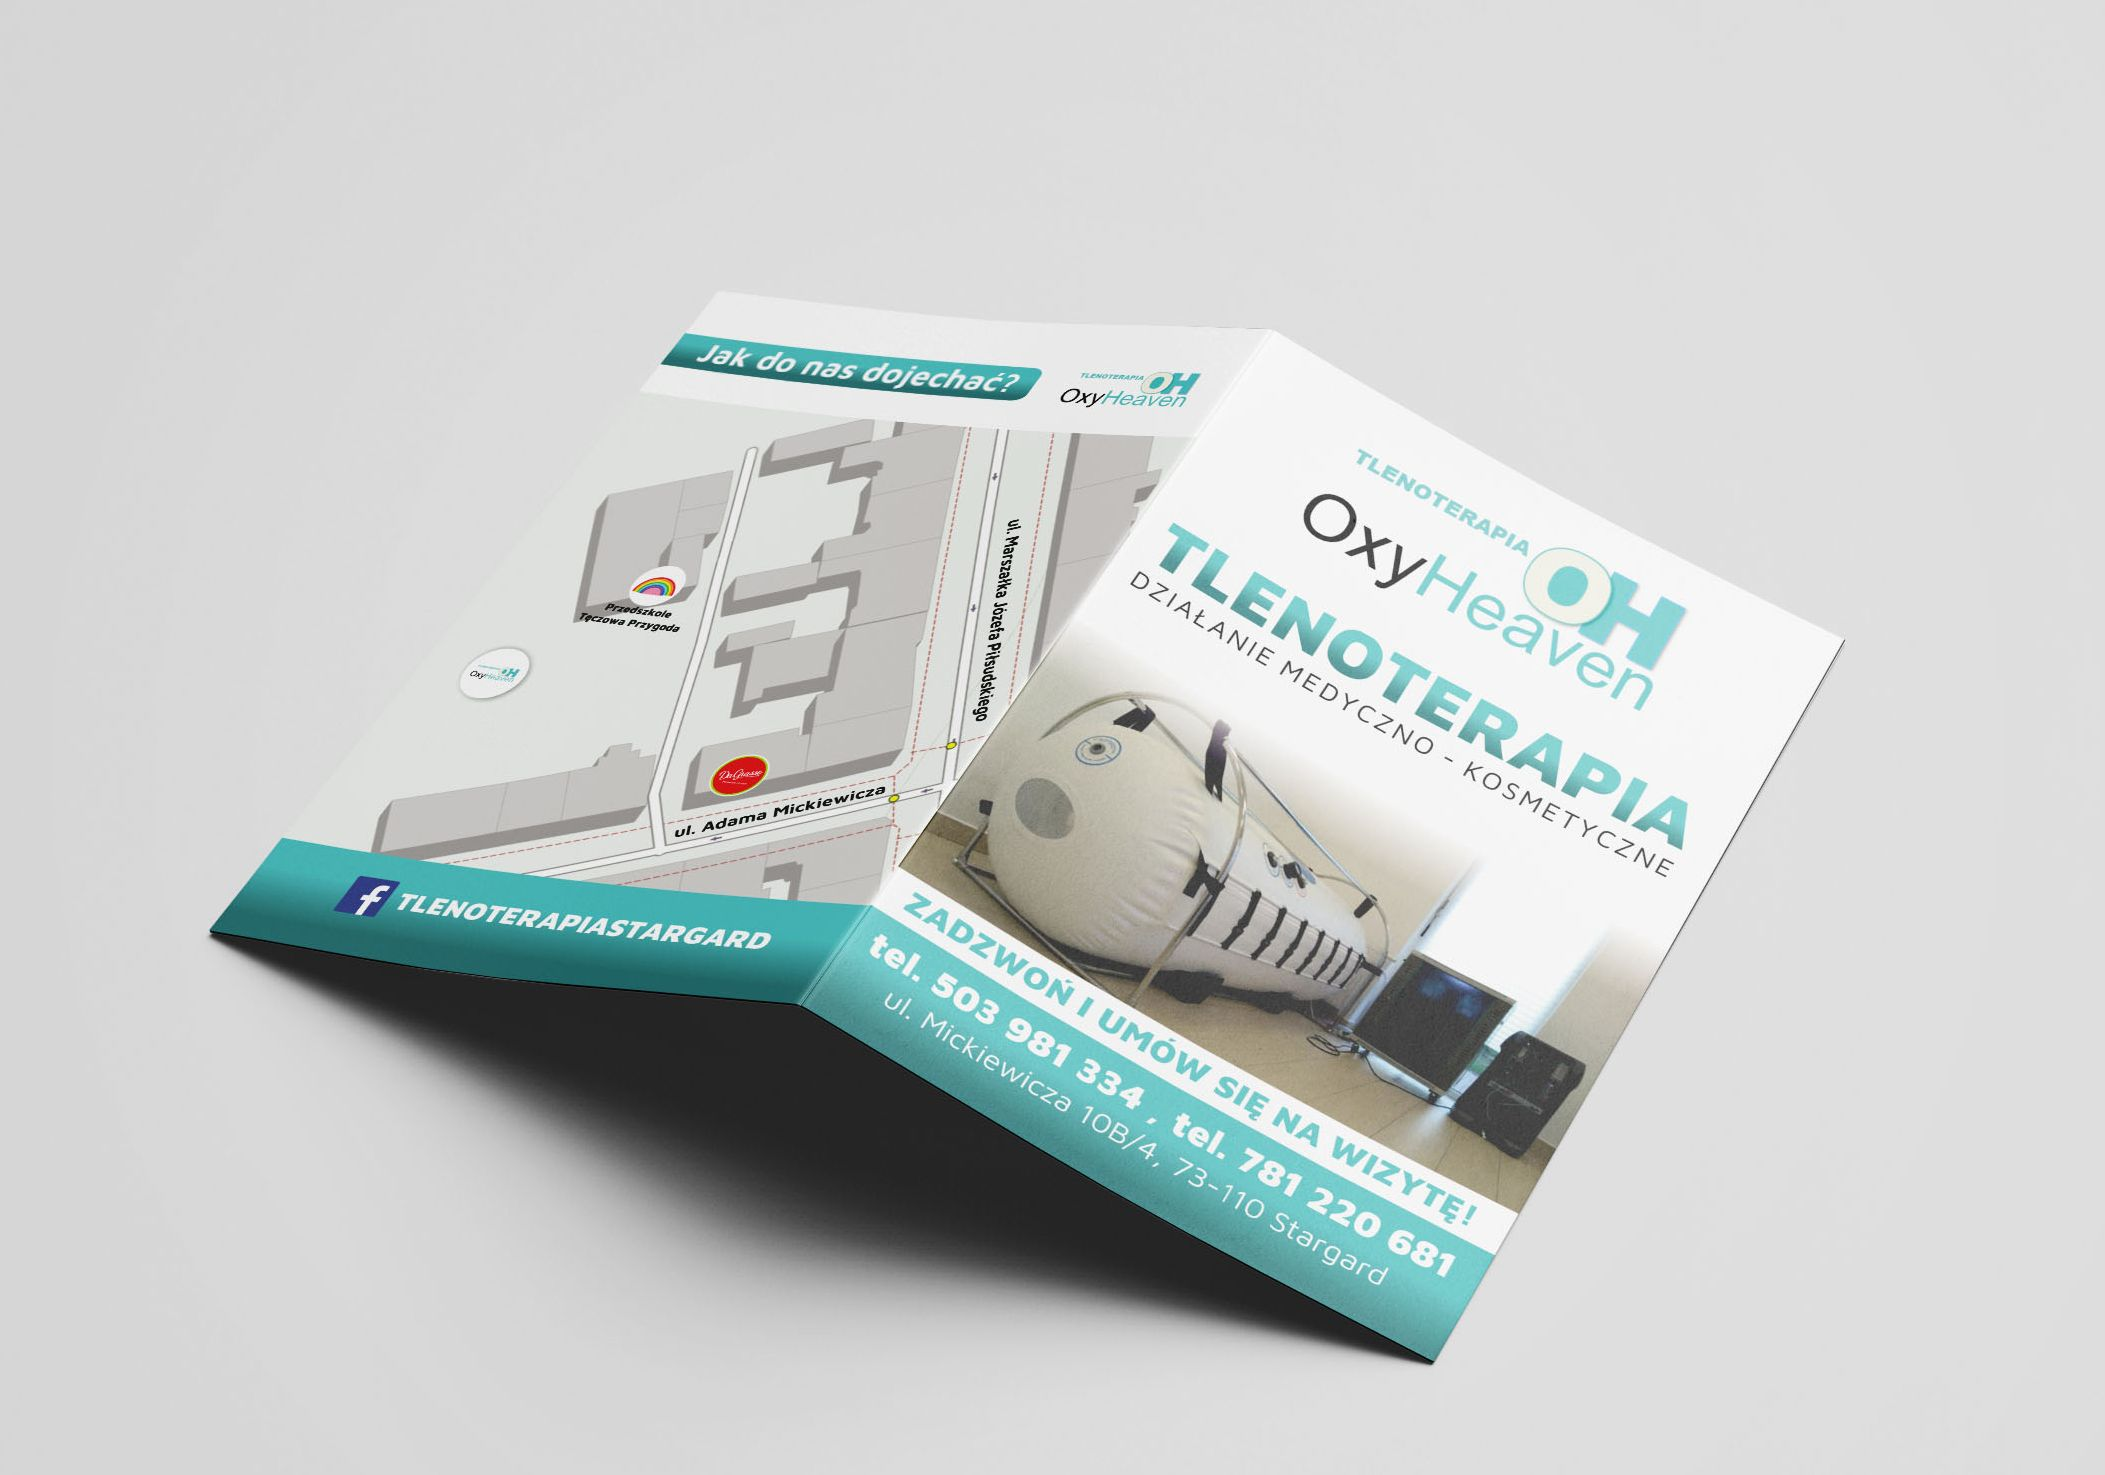 Ulotki informacyjne składane dla OxyHeaven